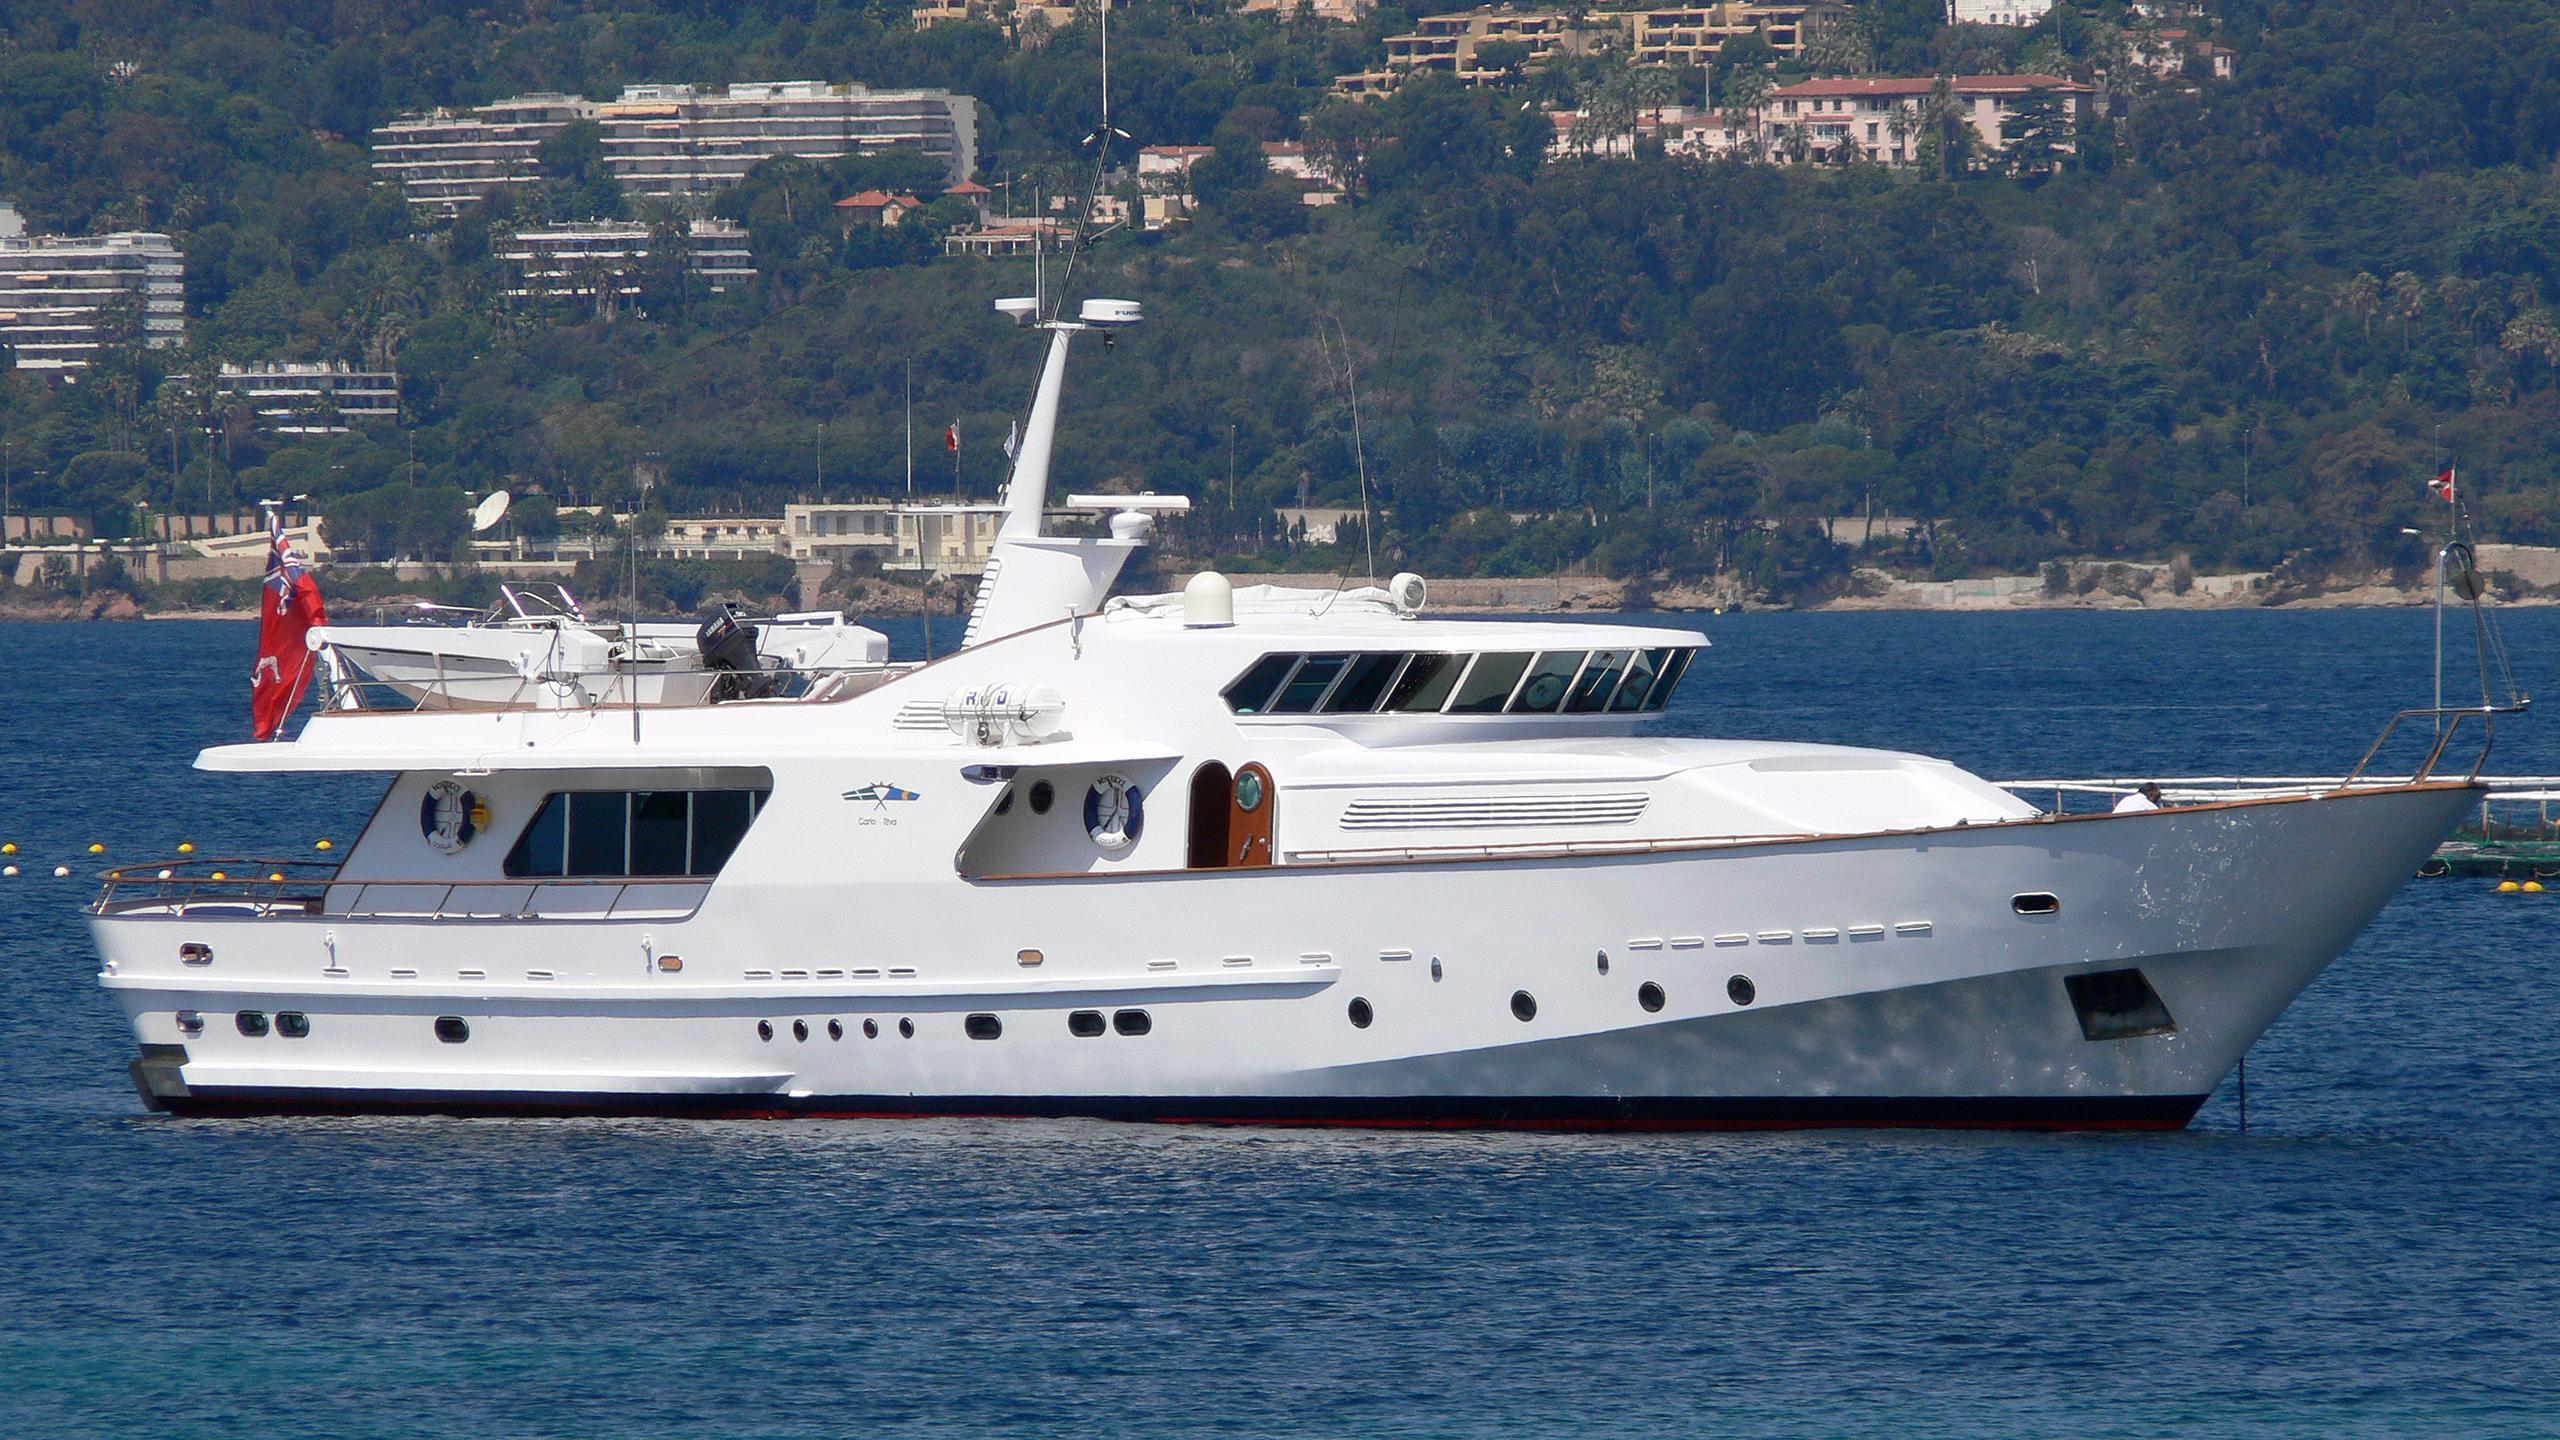 vespucci-yacht-exterior